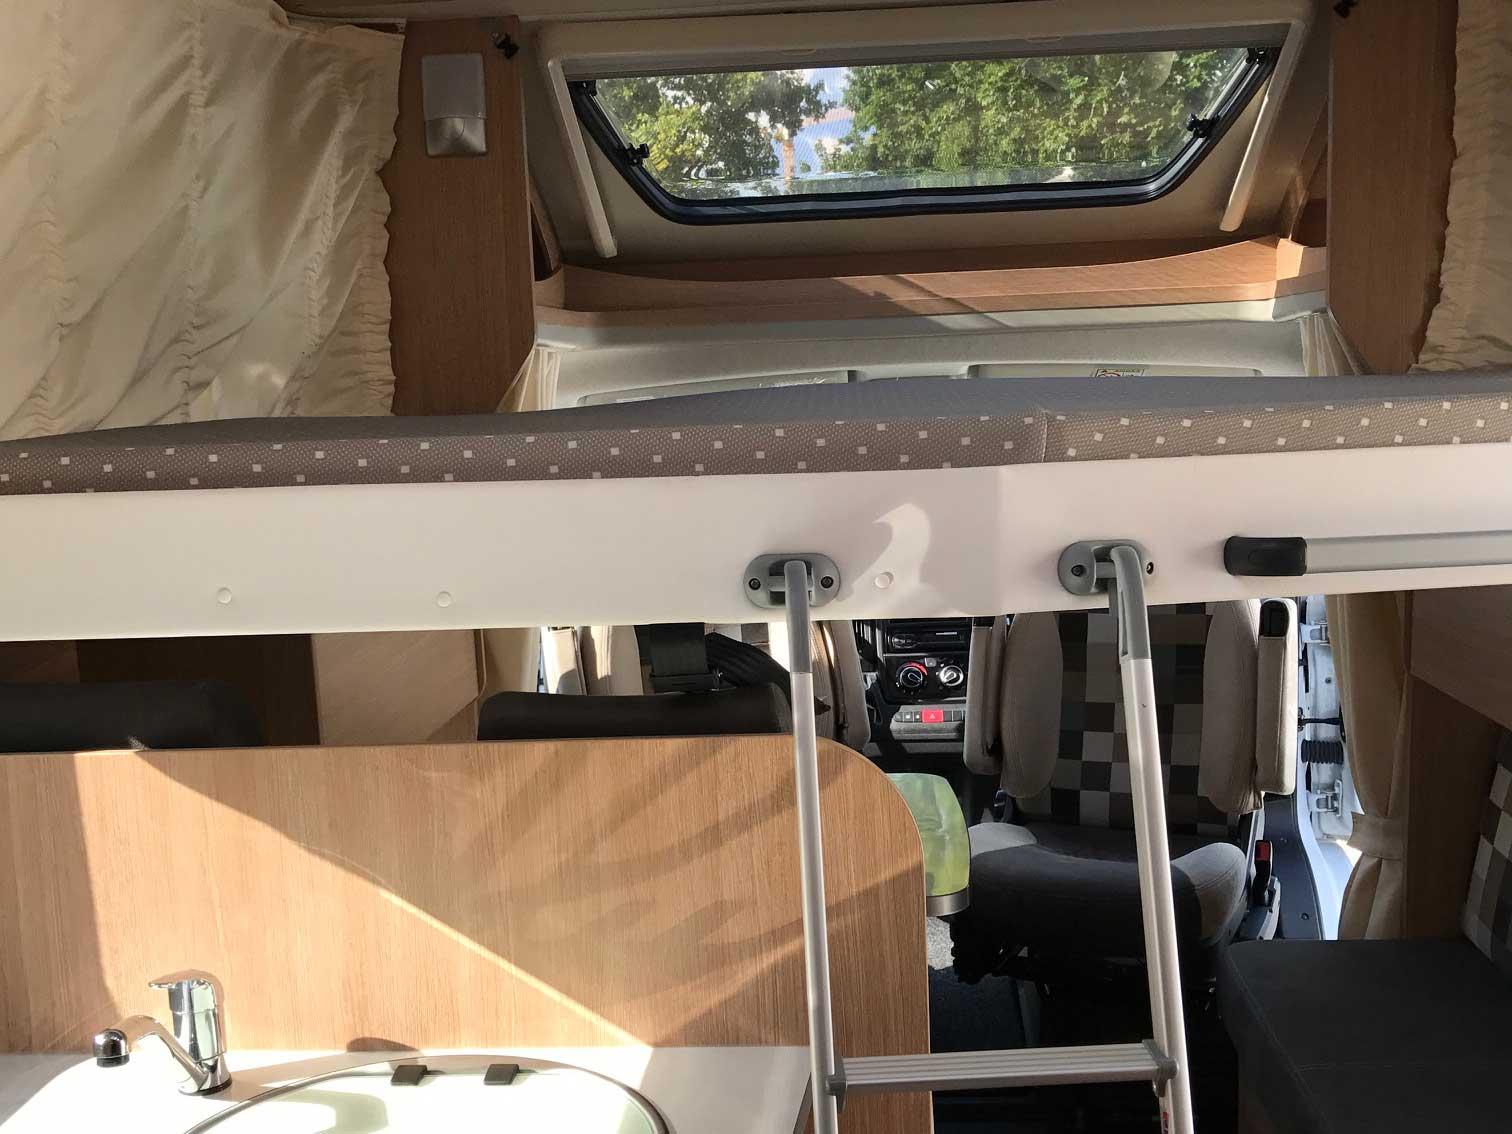 sunlight t 67 kaufen gebrauchte wohnmobile aus vermietung. Black Bedroom Furniture Sets. Home Design Ideas